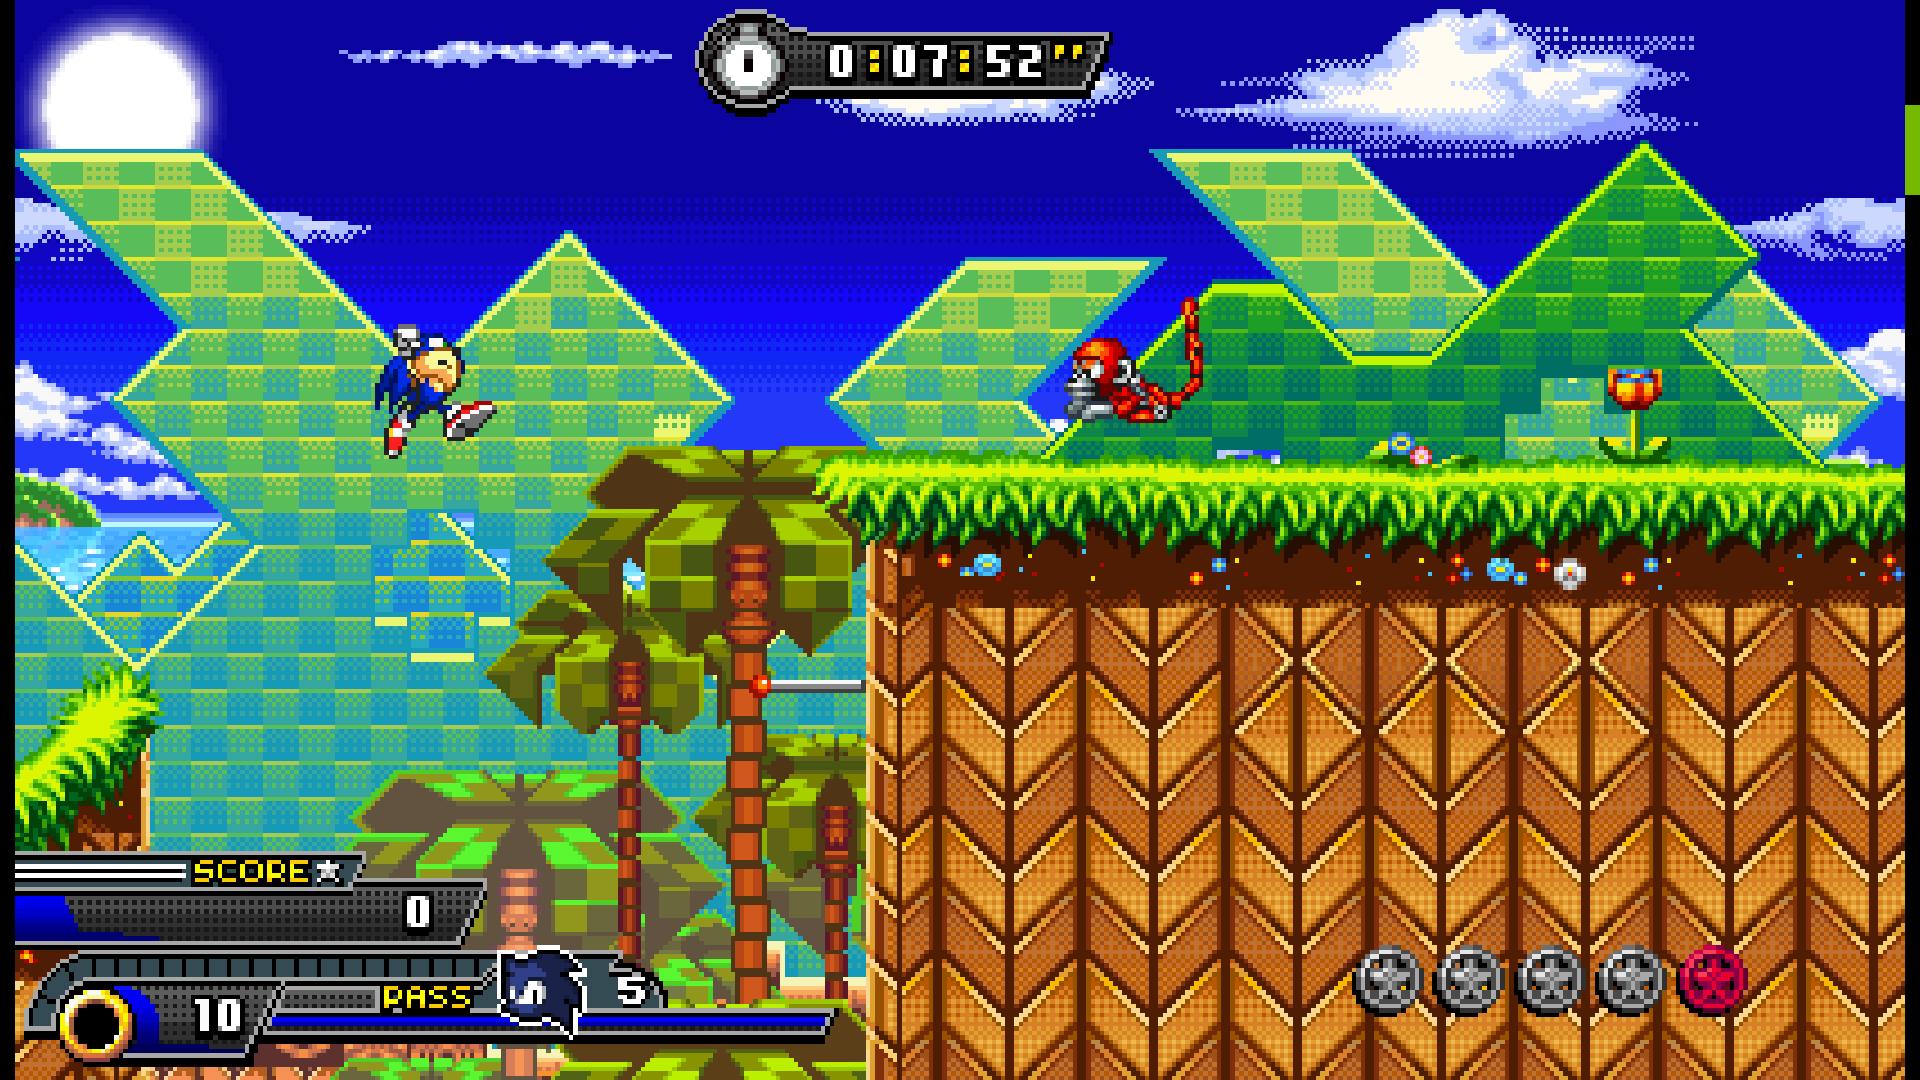 Sonic Advance 4 Advanced 8_20_2020 11_46_40 PM.png